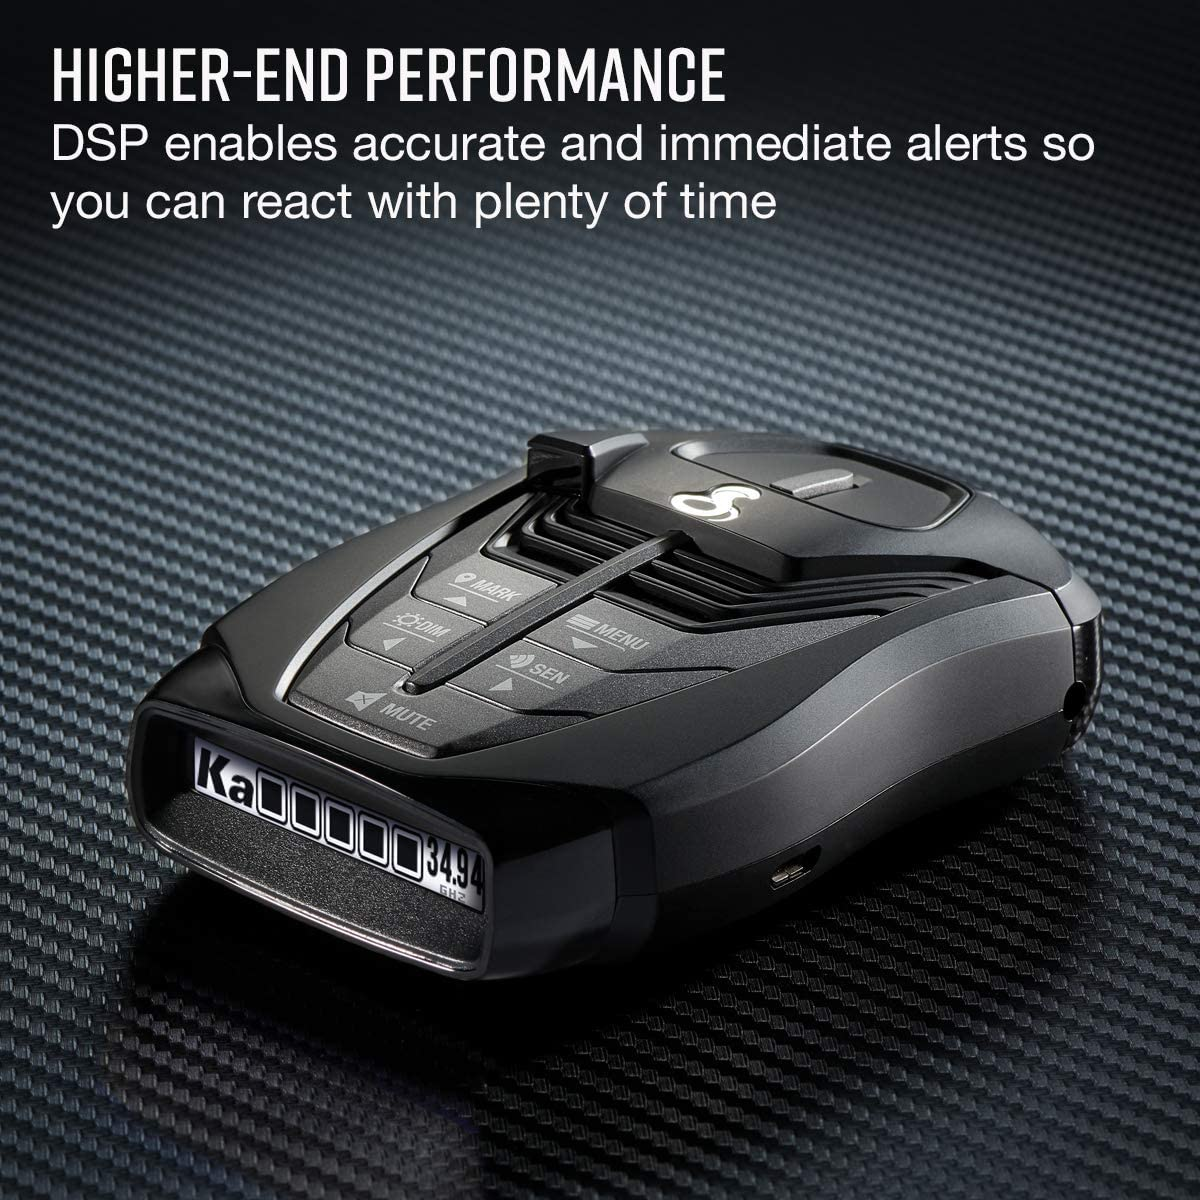 Cobra RAD 480i Radar Detector Review